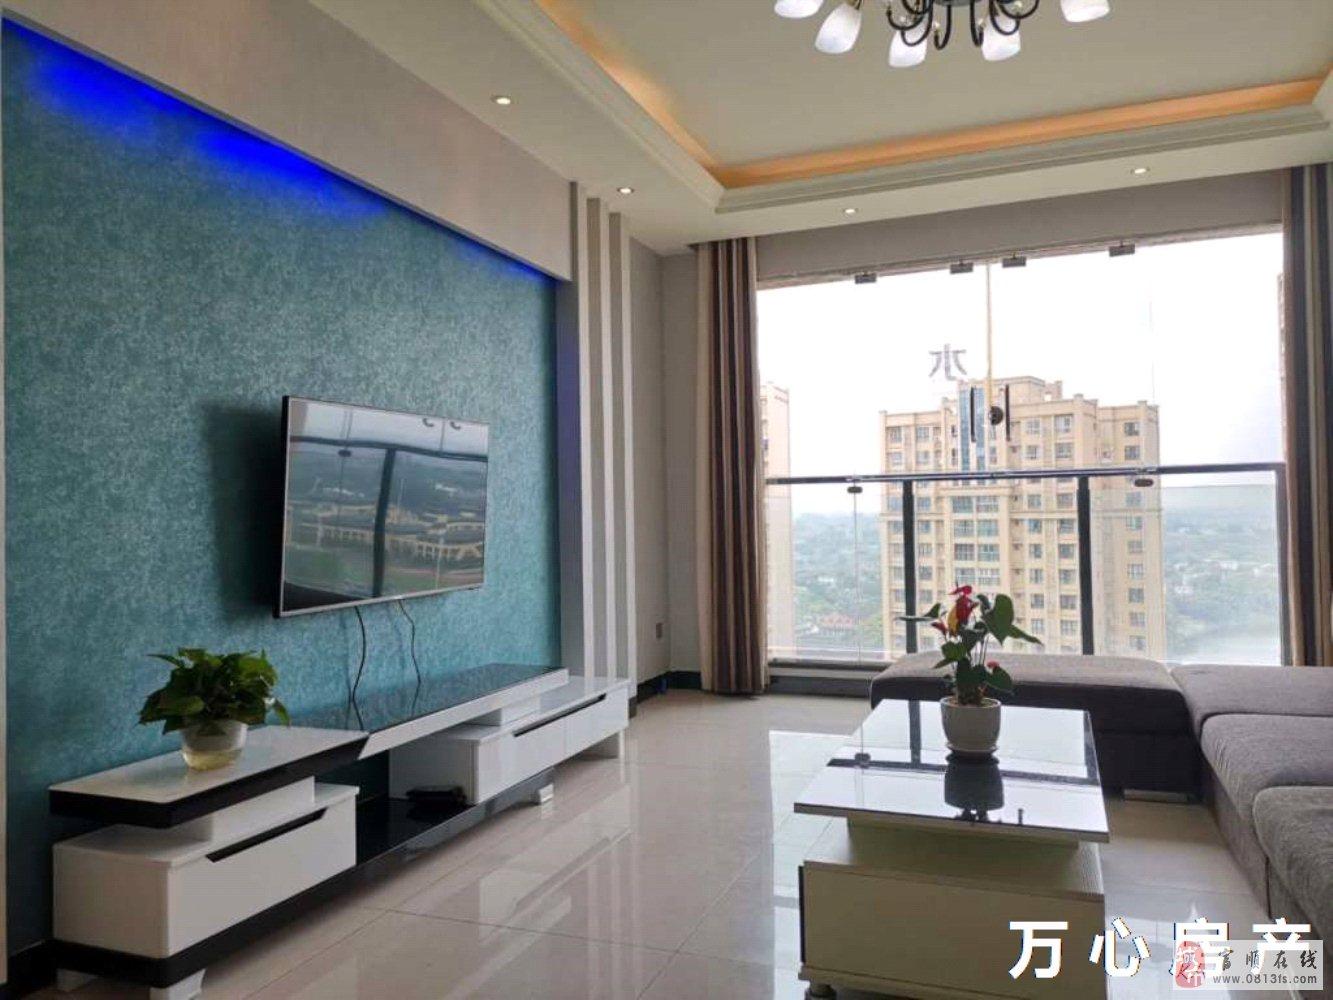 急售瑞祥·水岸城2室2厅1卫63.5万元